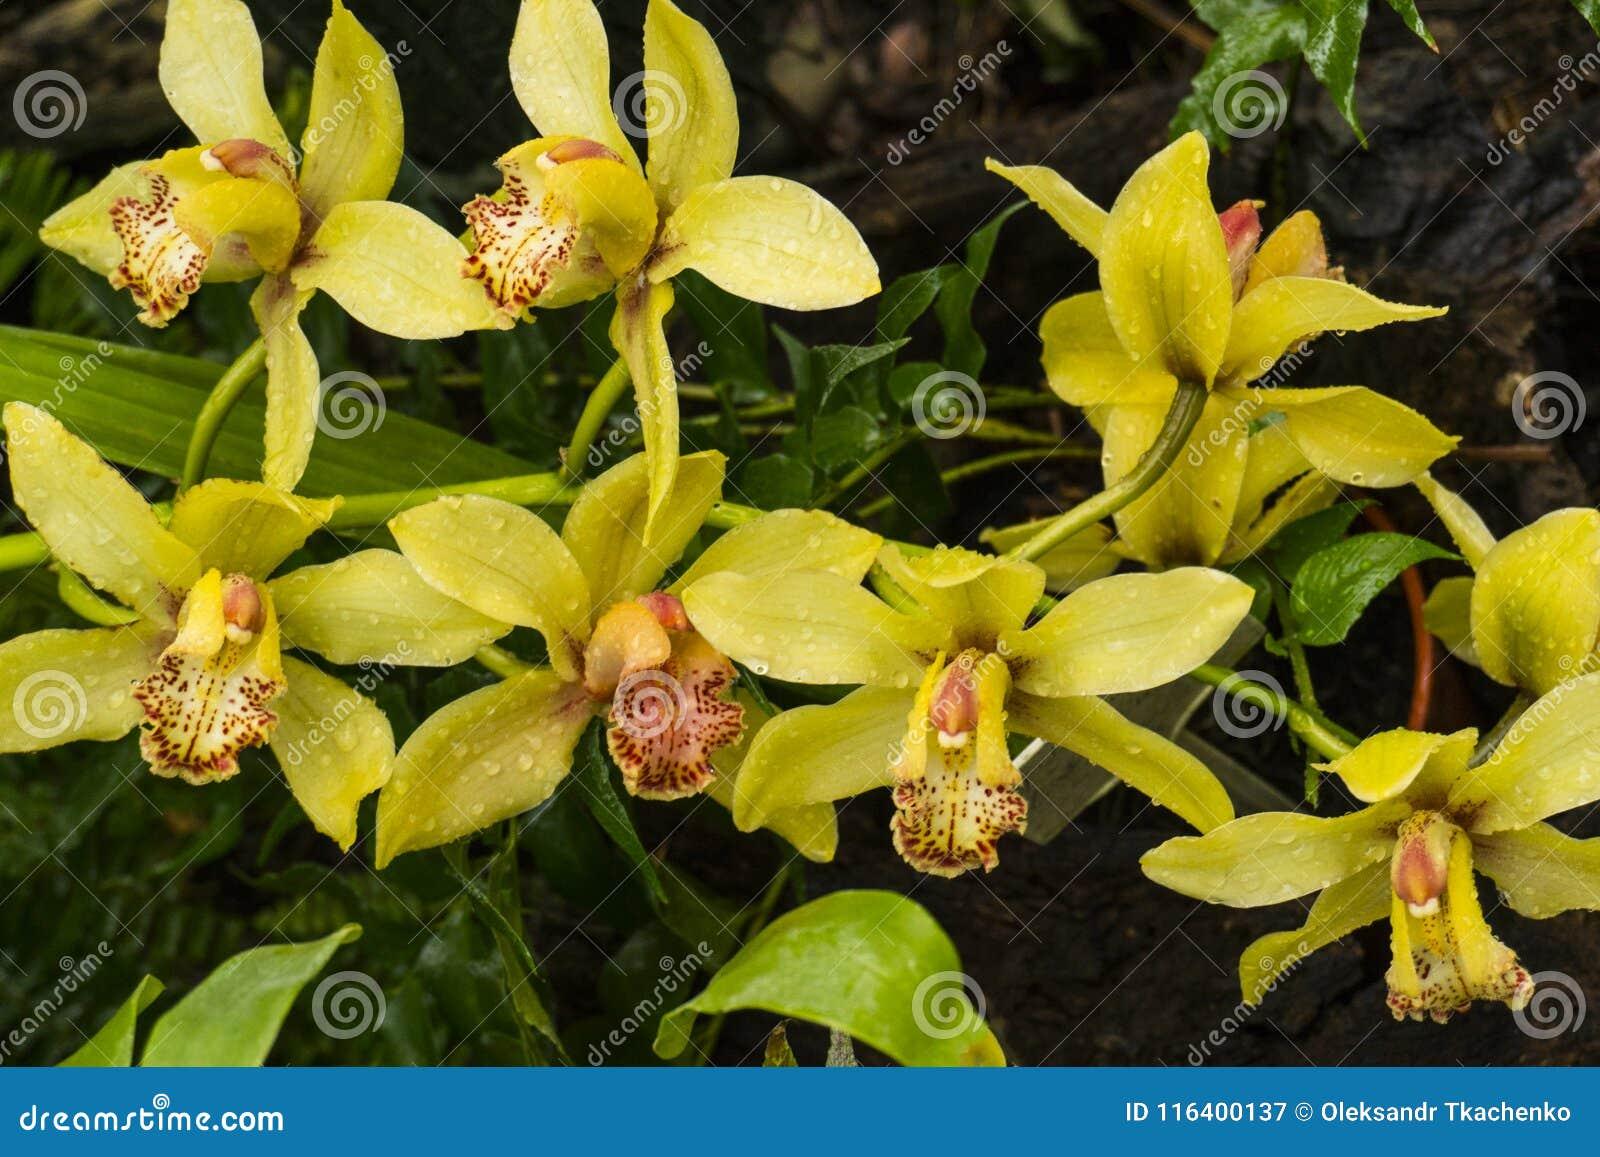 Bunte wilde gelbe Orchideen auf der Niederlassung im tropischen Regenwald